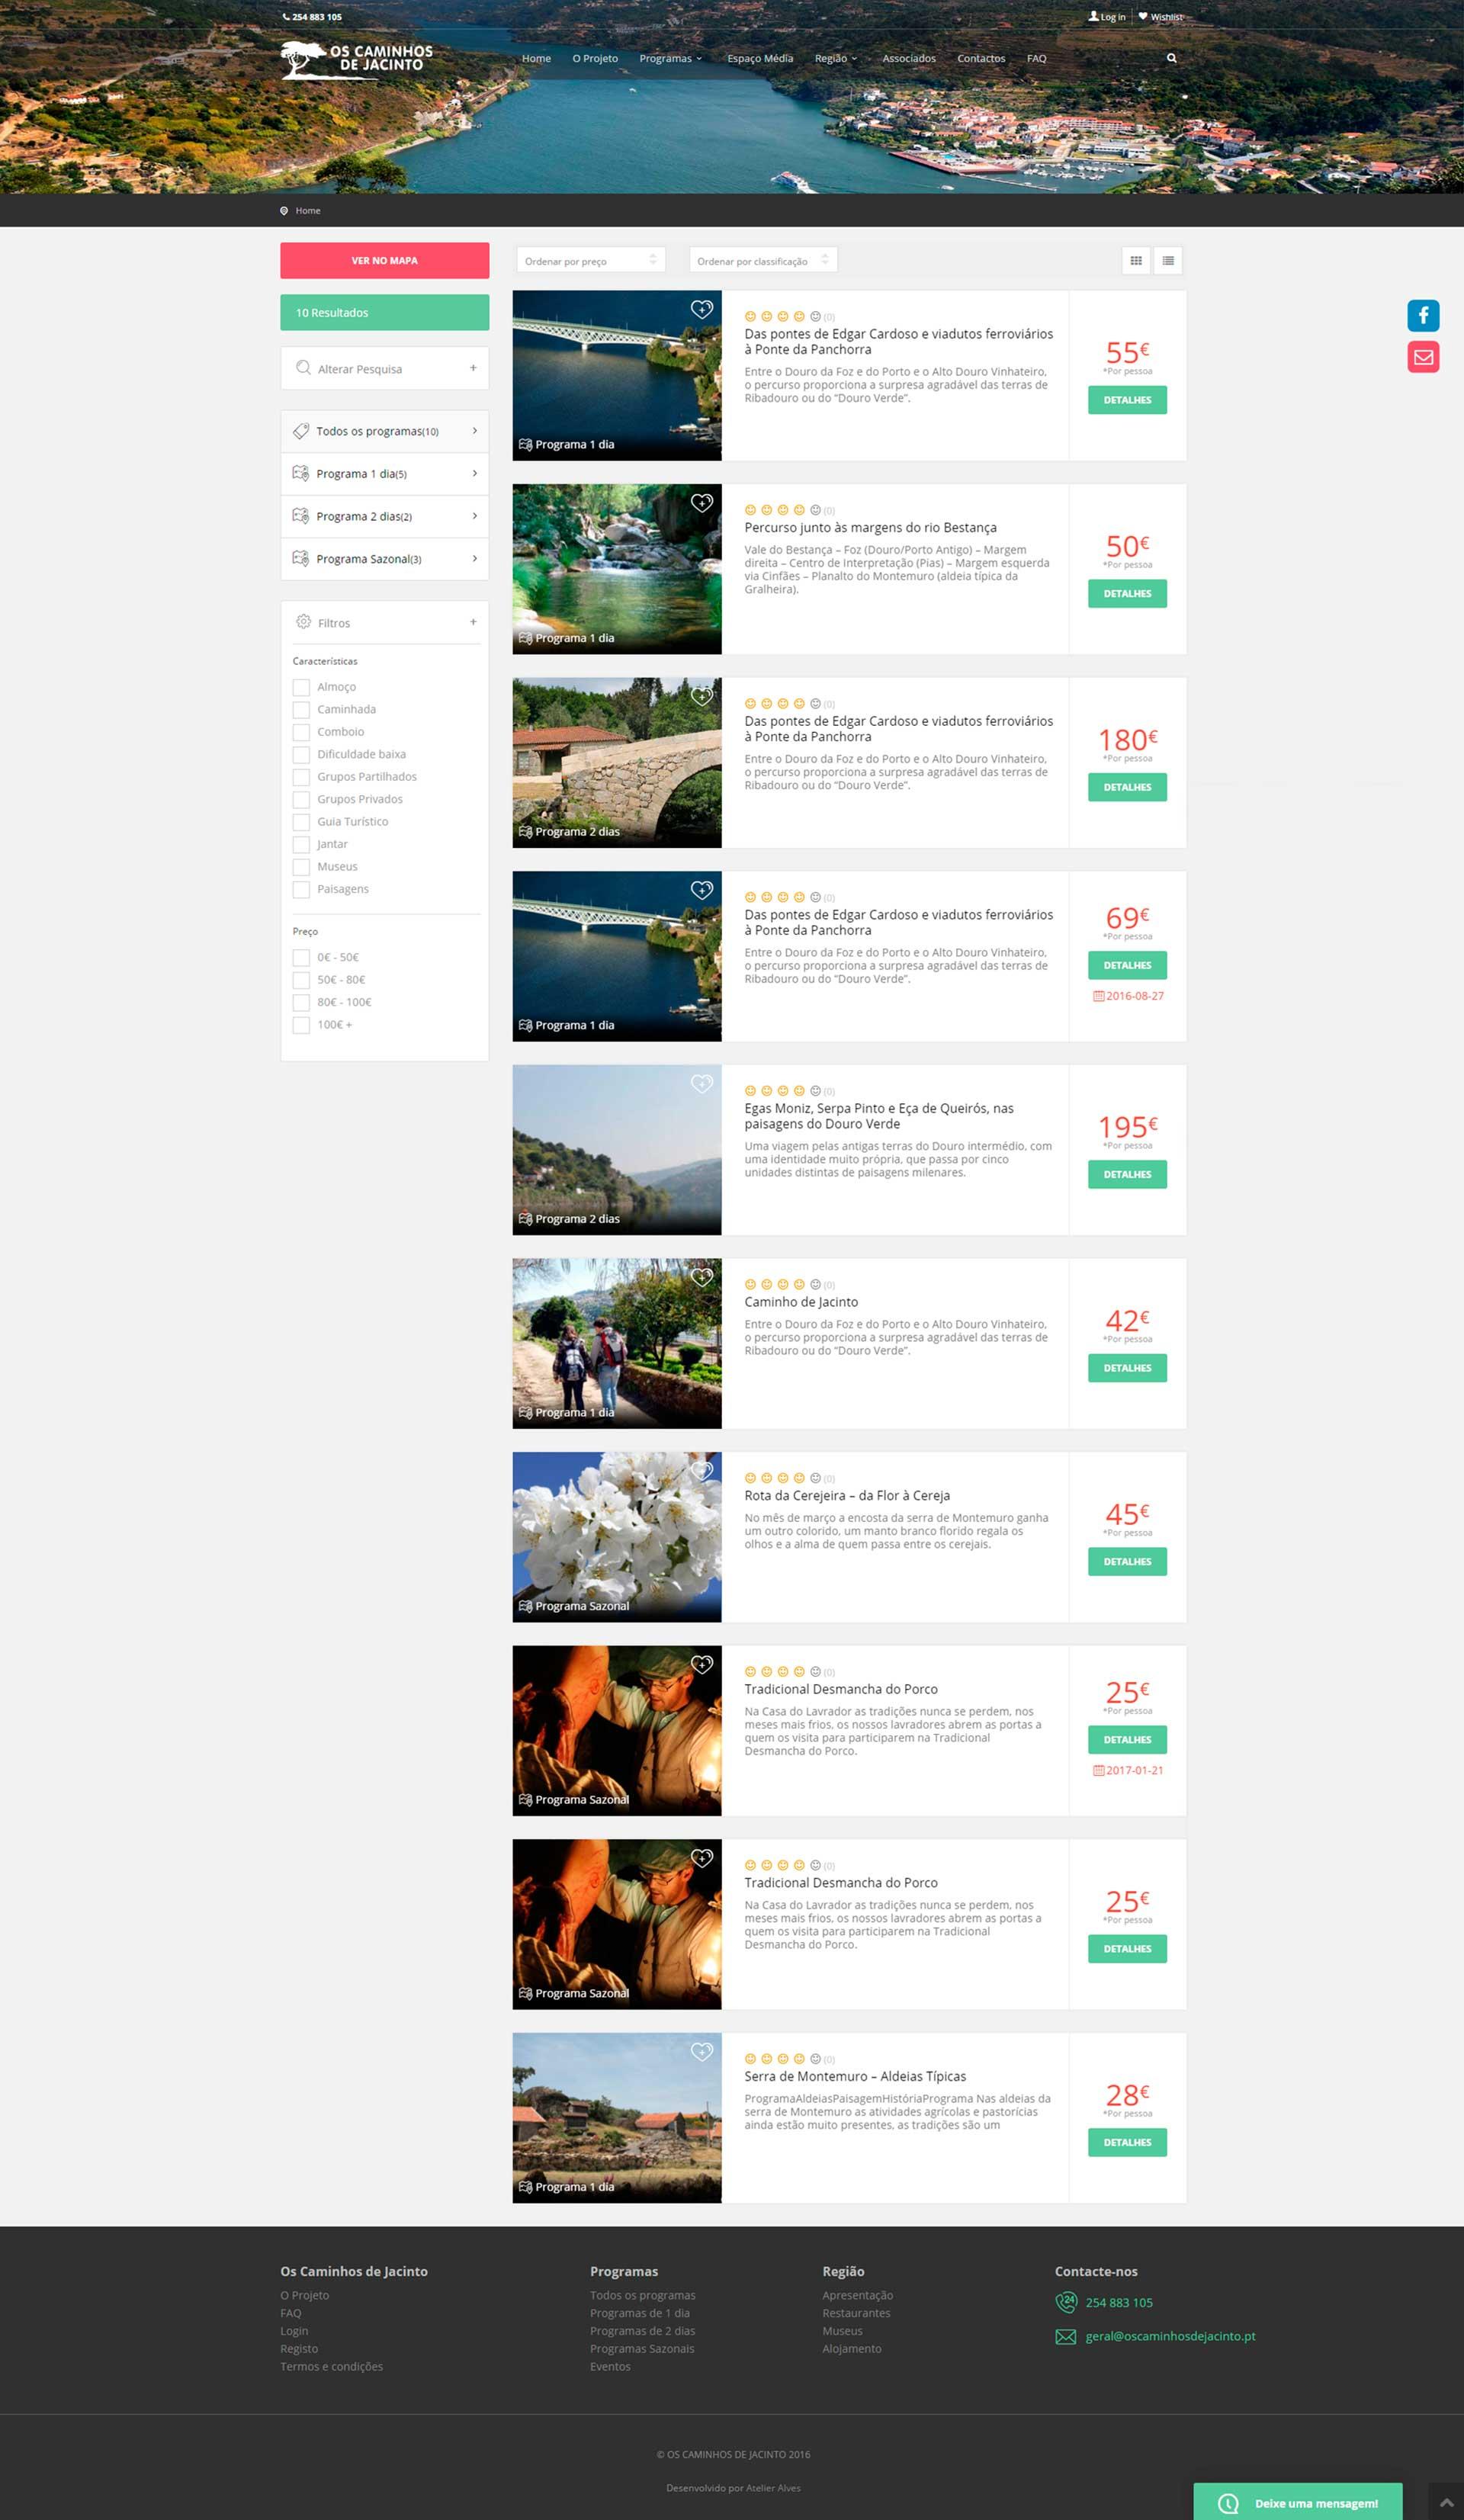 atelier-alves-os-caminhos-de-jacinto-preview_webaite_web